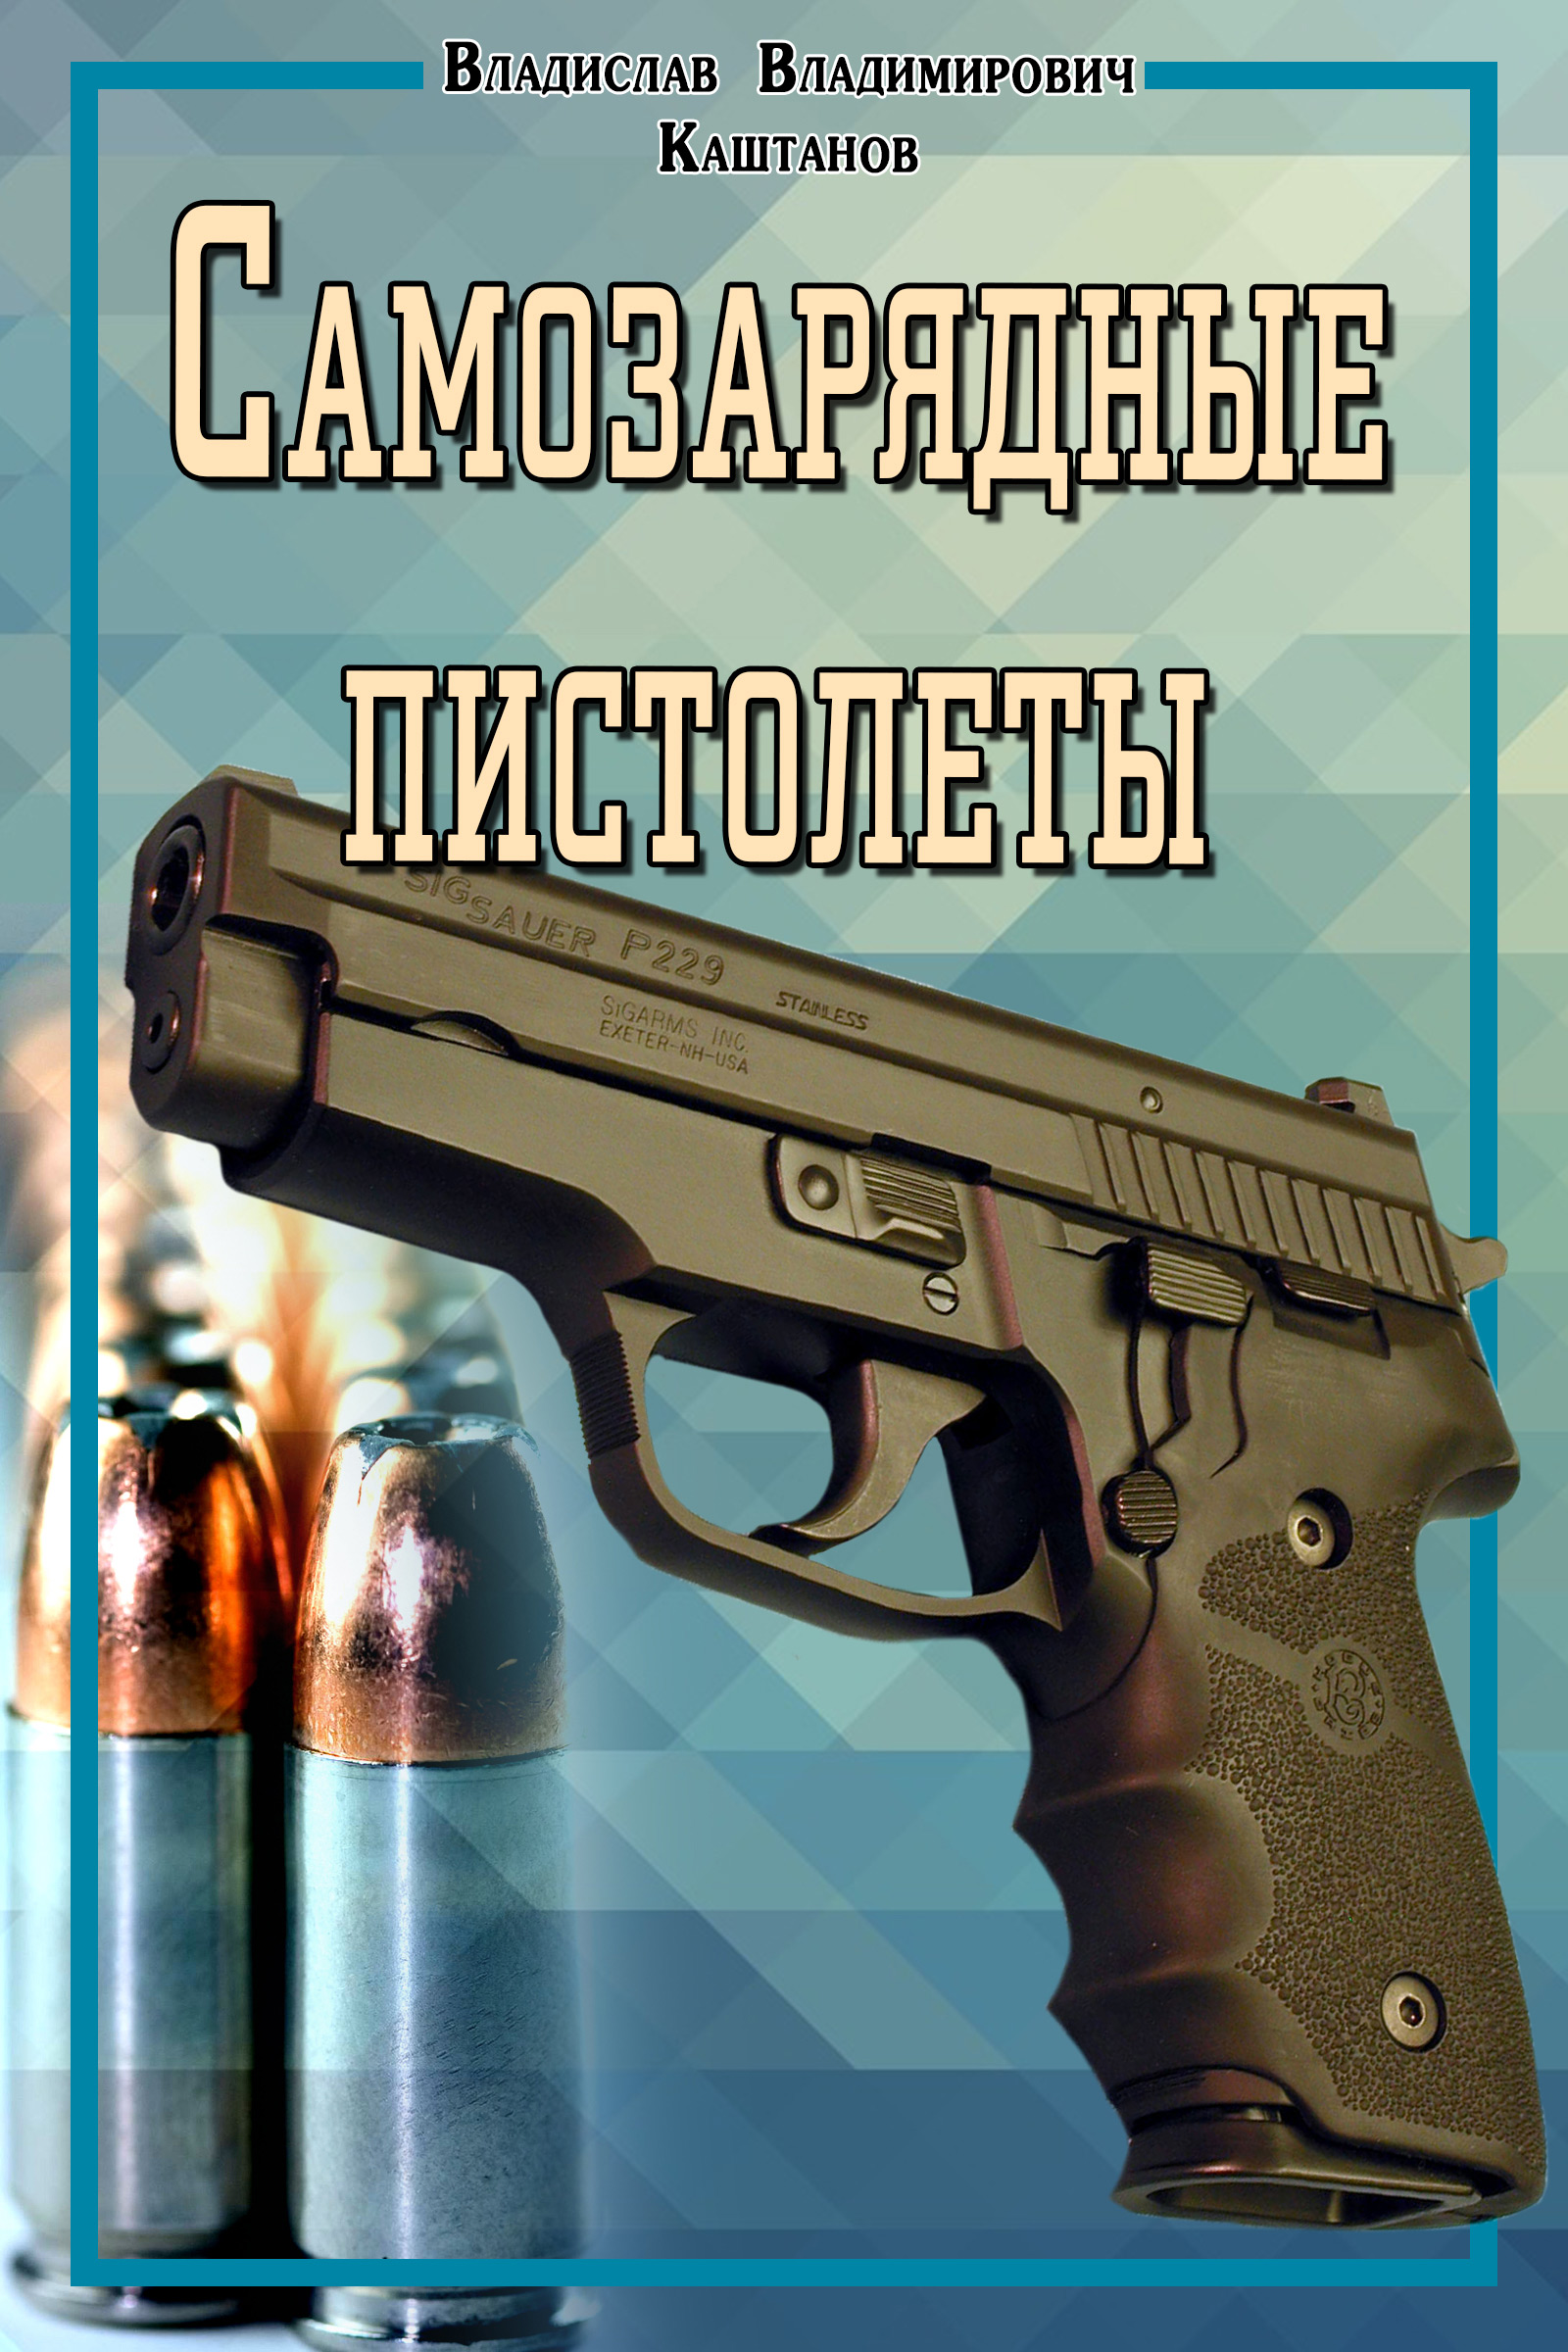 Самозарядные пистолеты